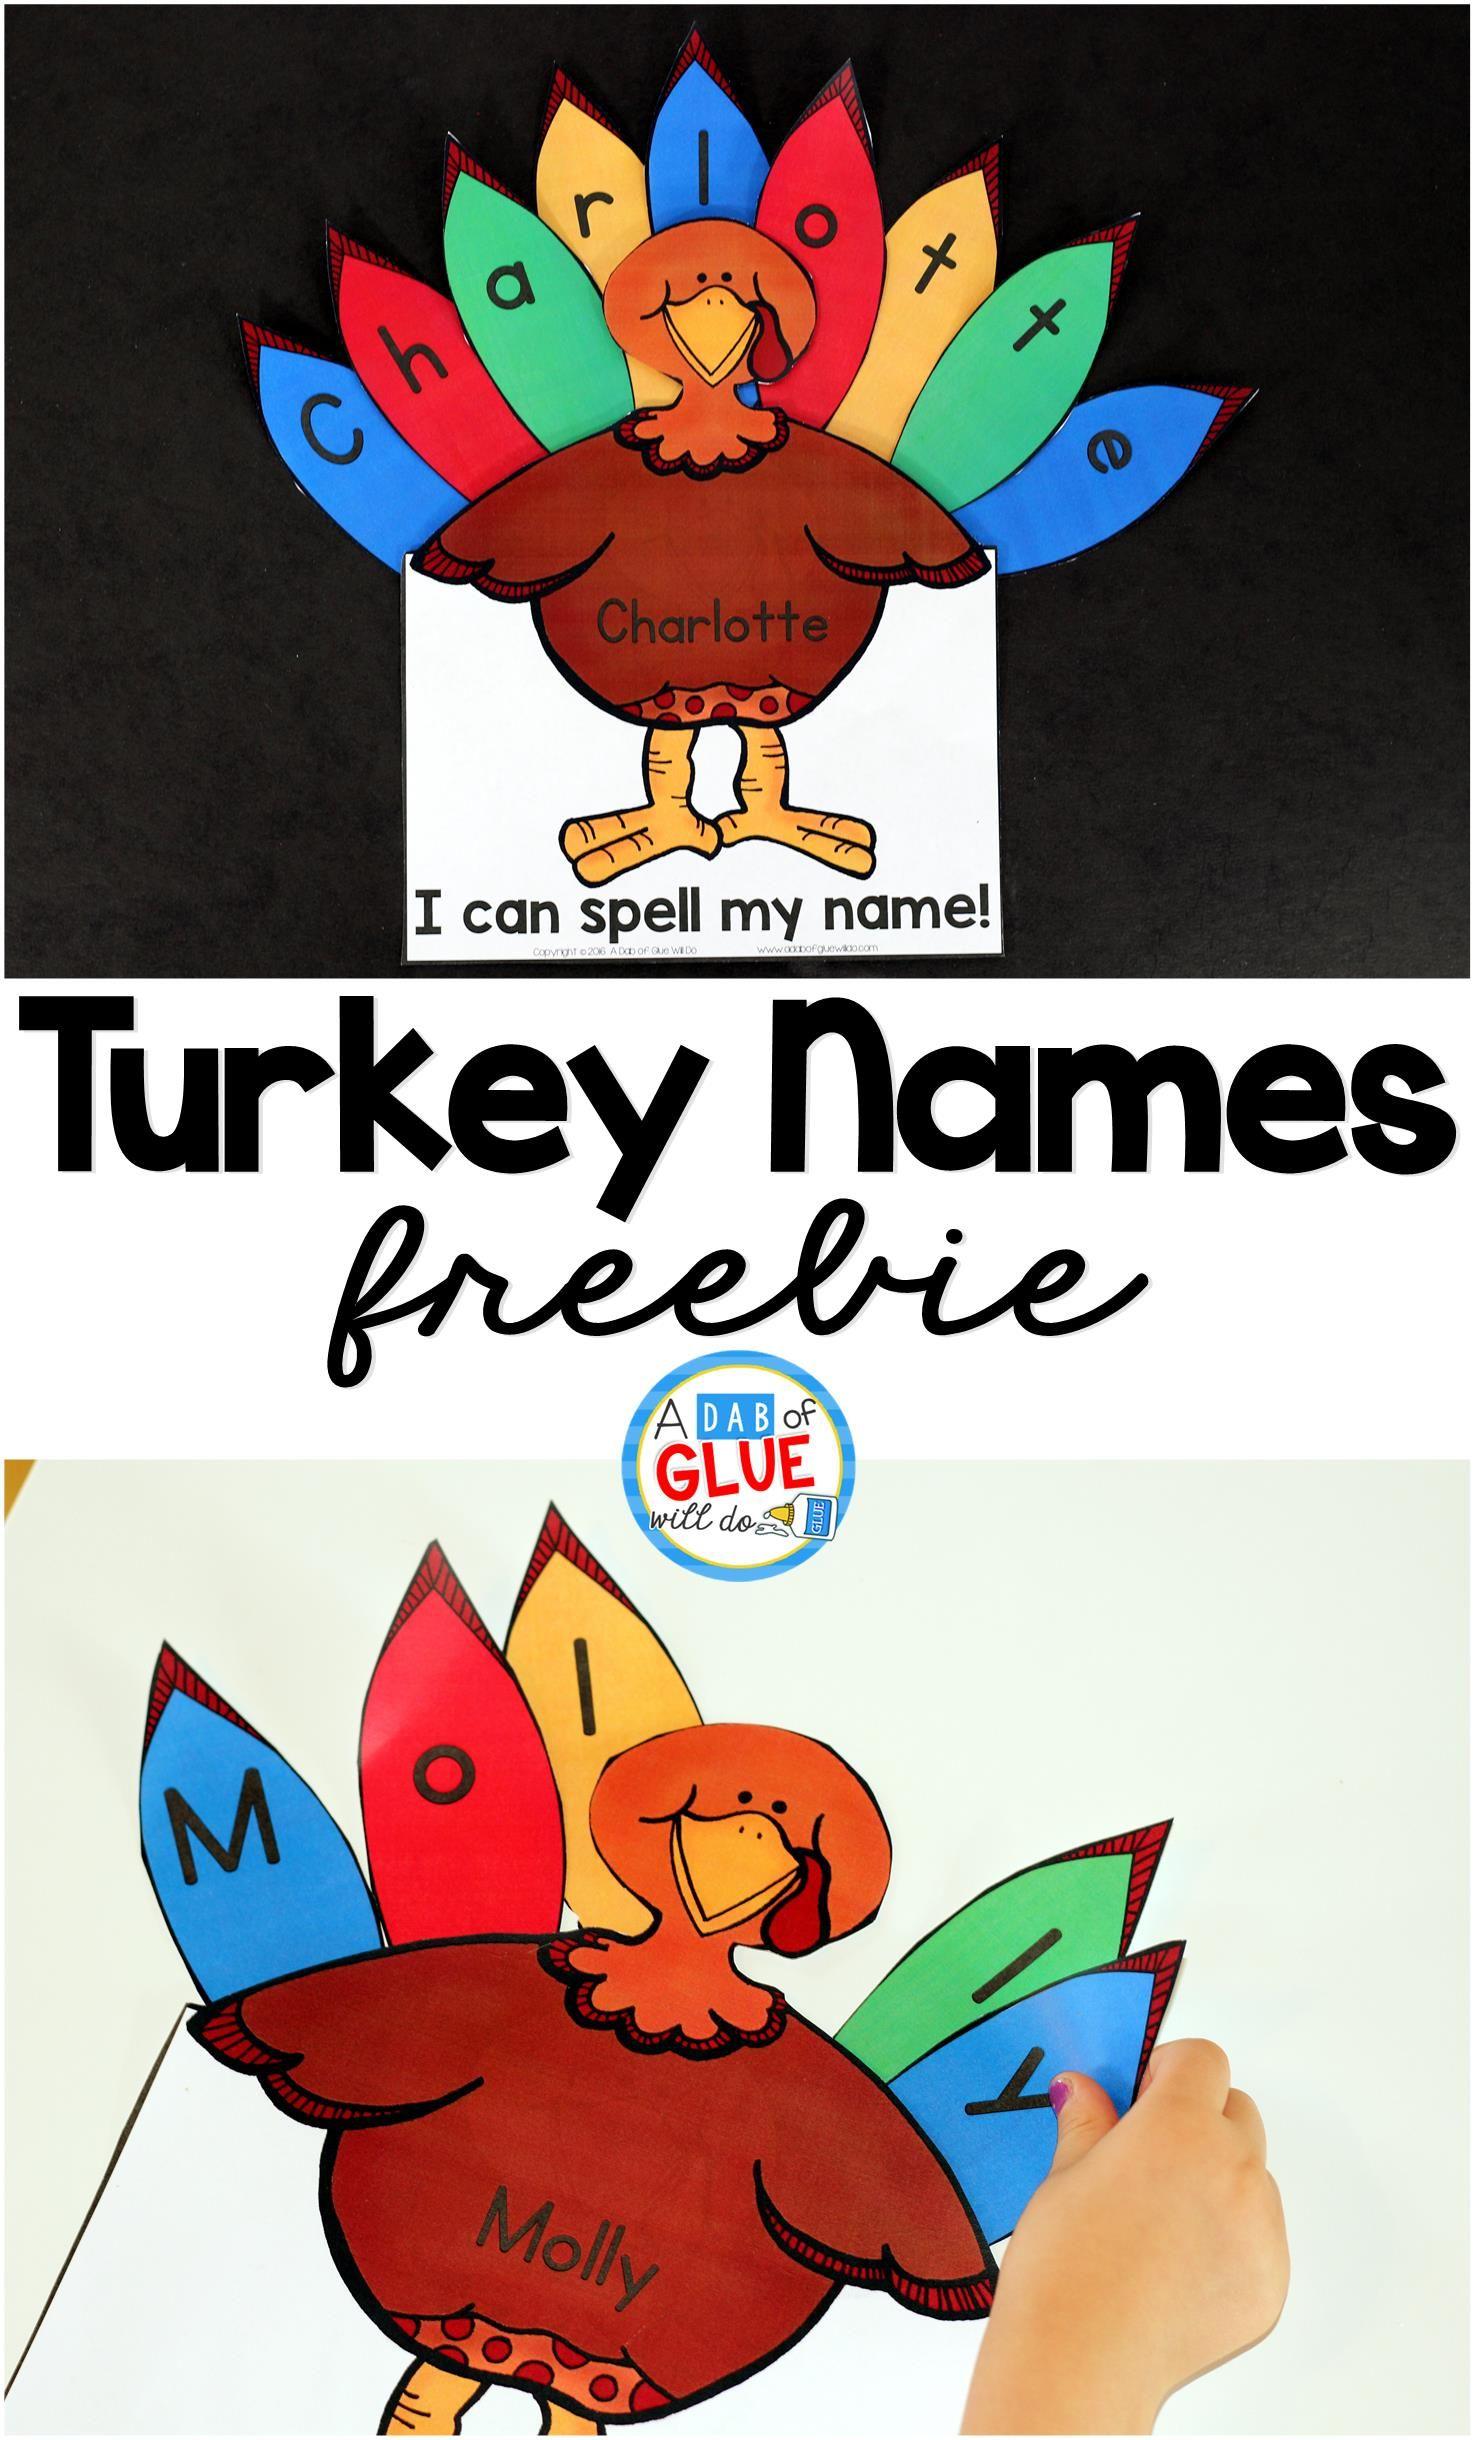 Turkey Names